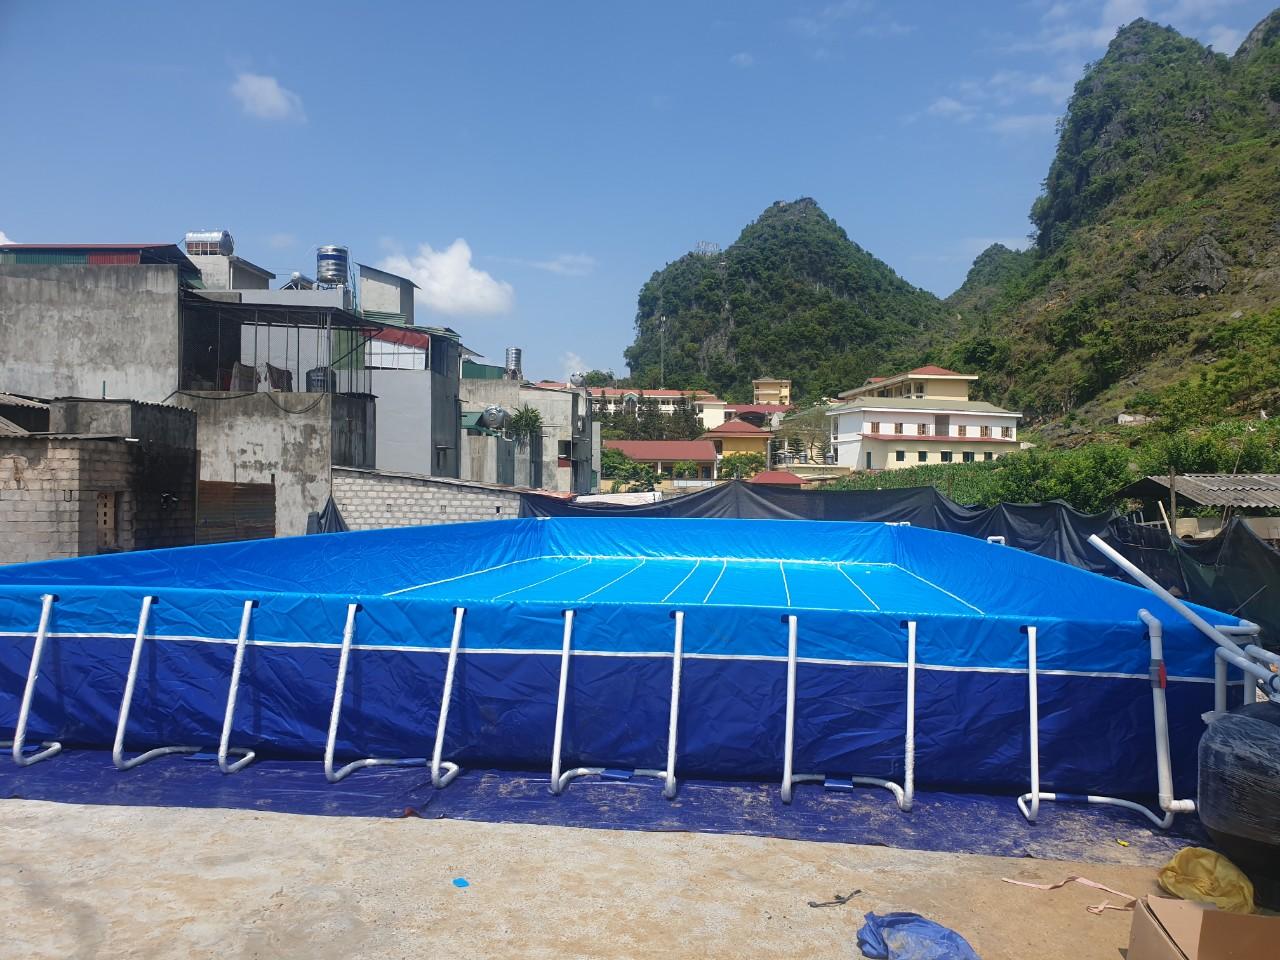 Hồ Bơi Dạy Bơi 9,6m x 20,1m 15